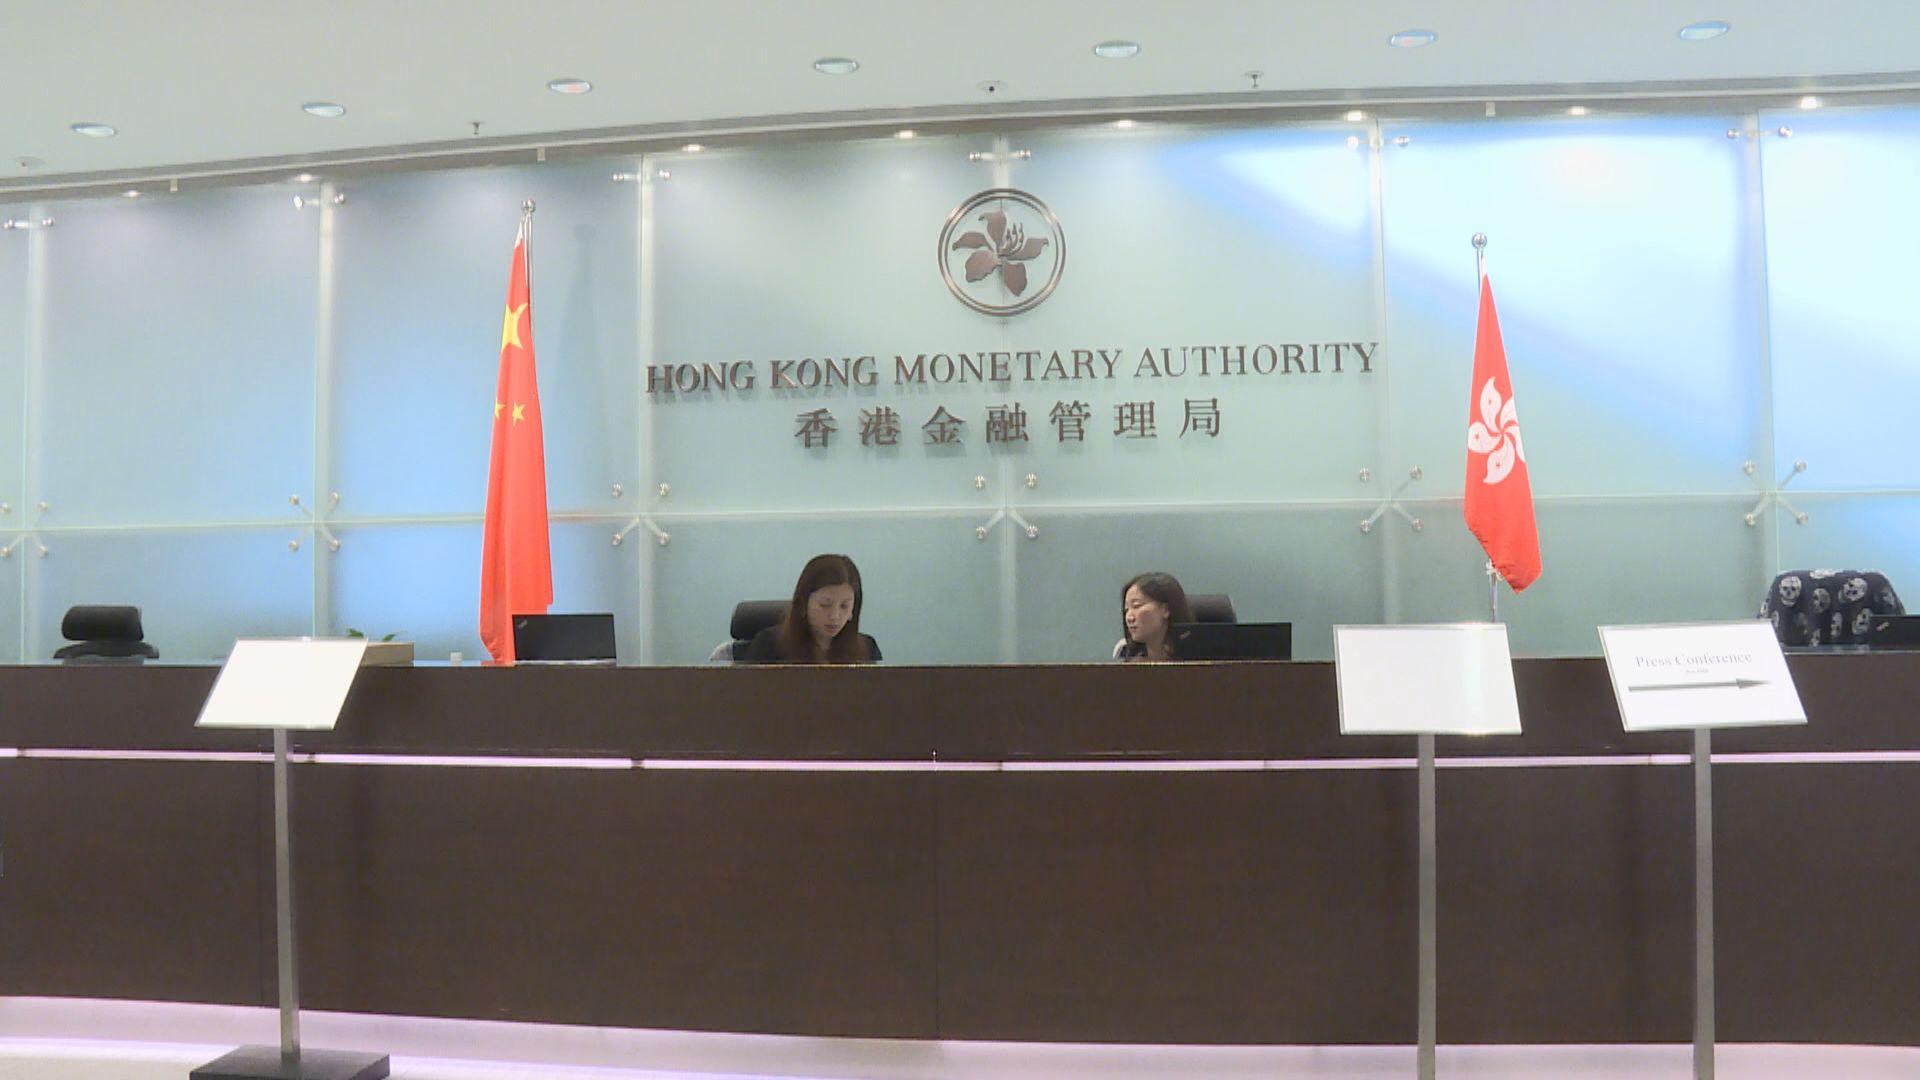 金管局︰外國政府單方面制裁在港無法律效力